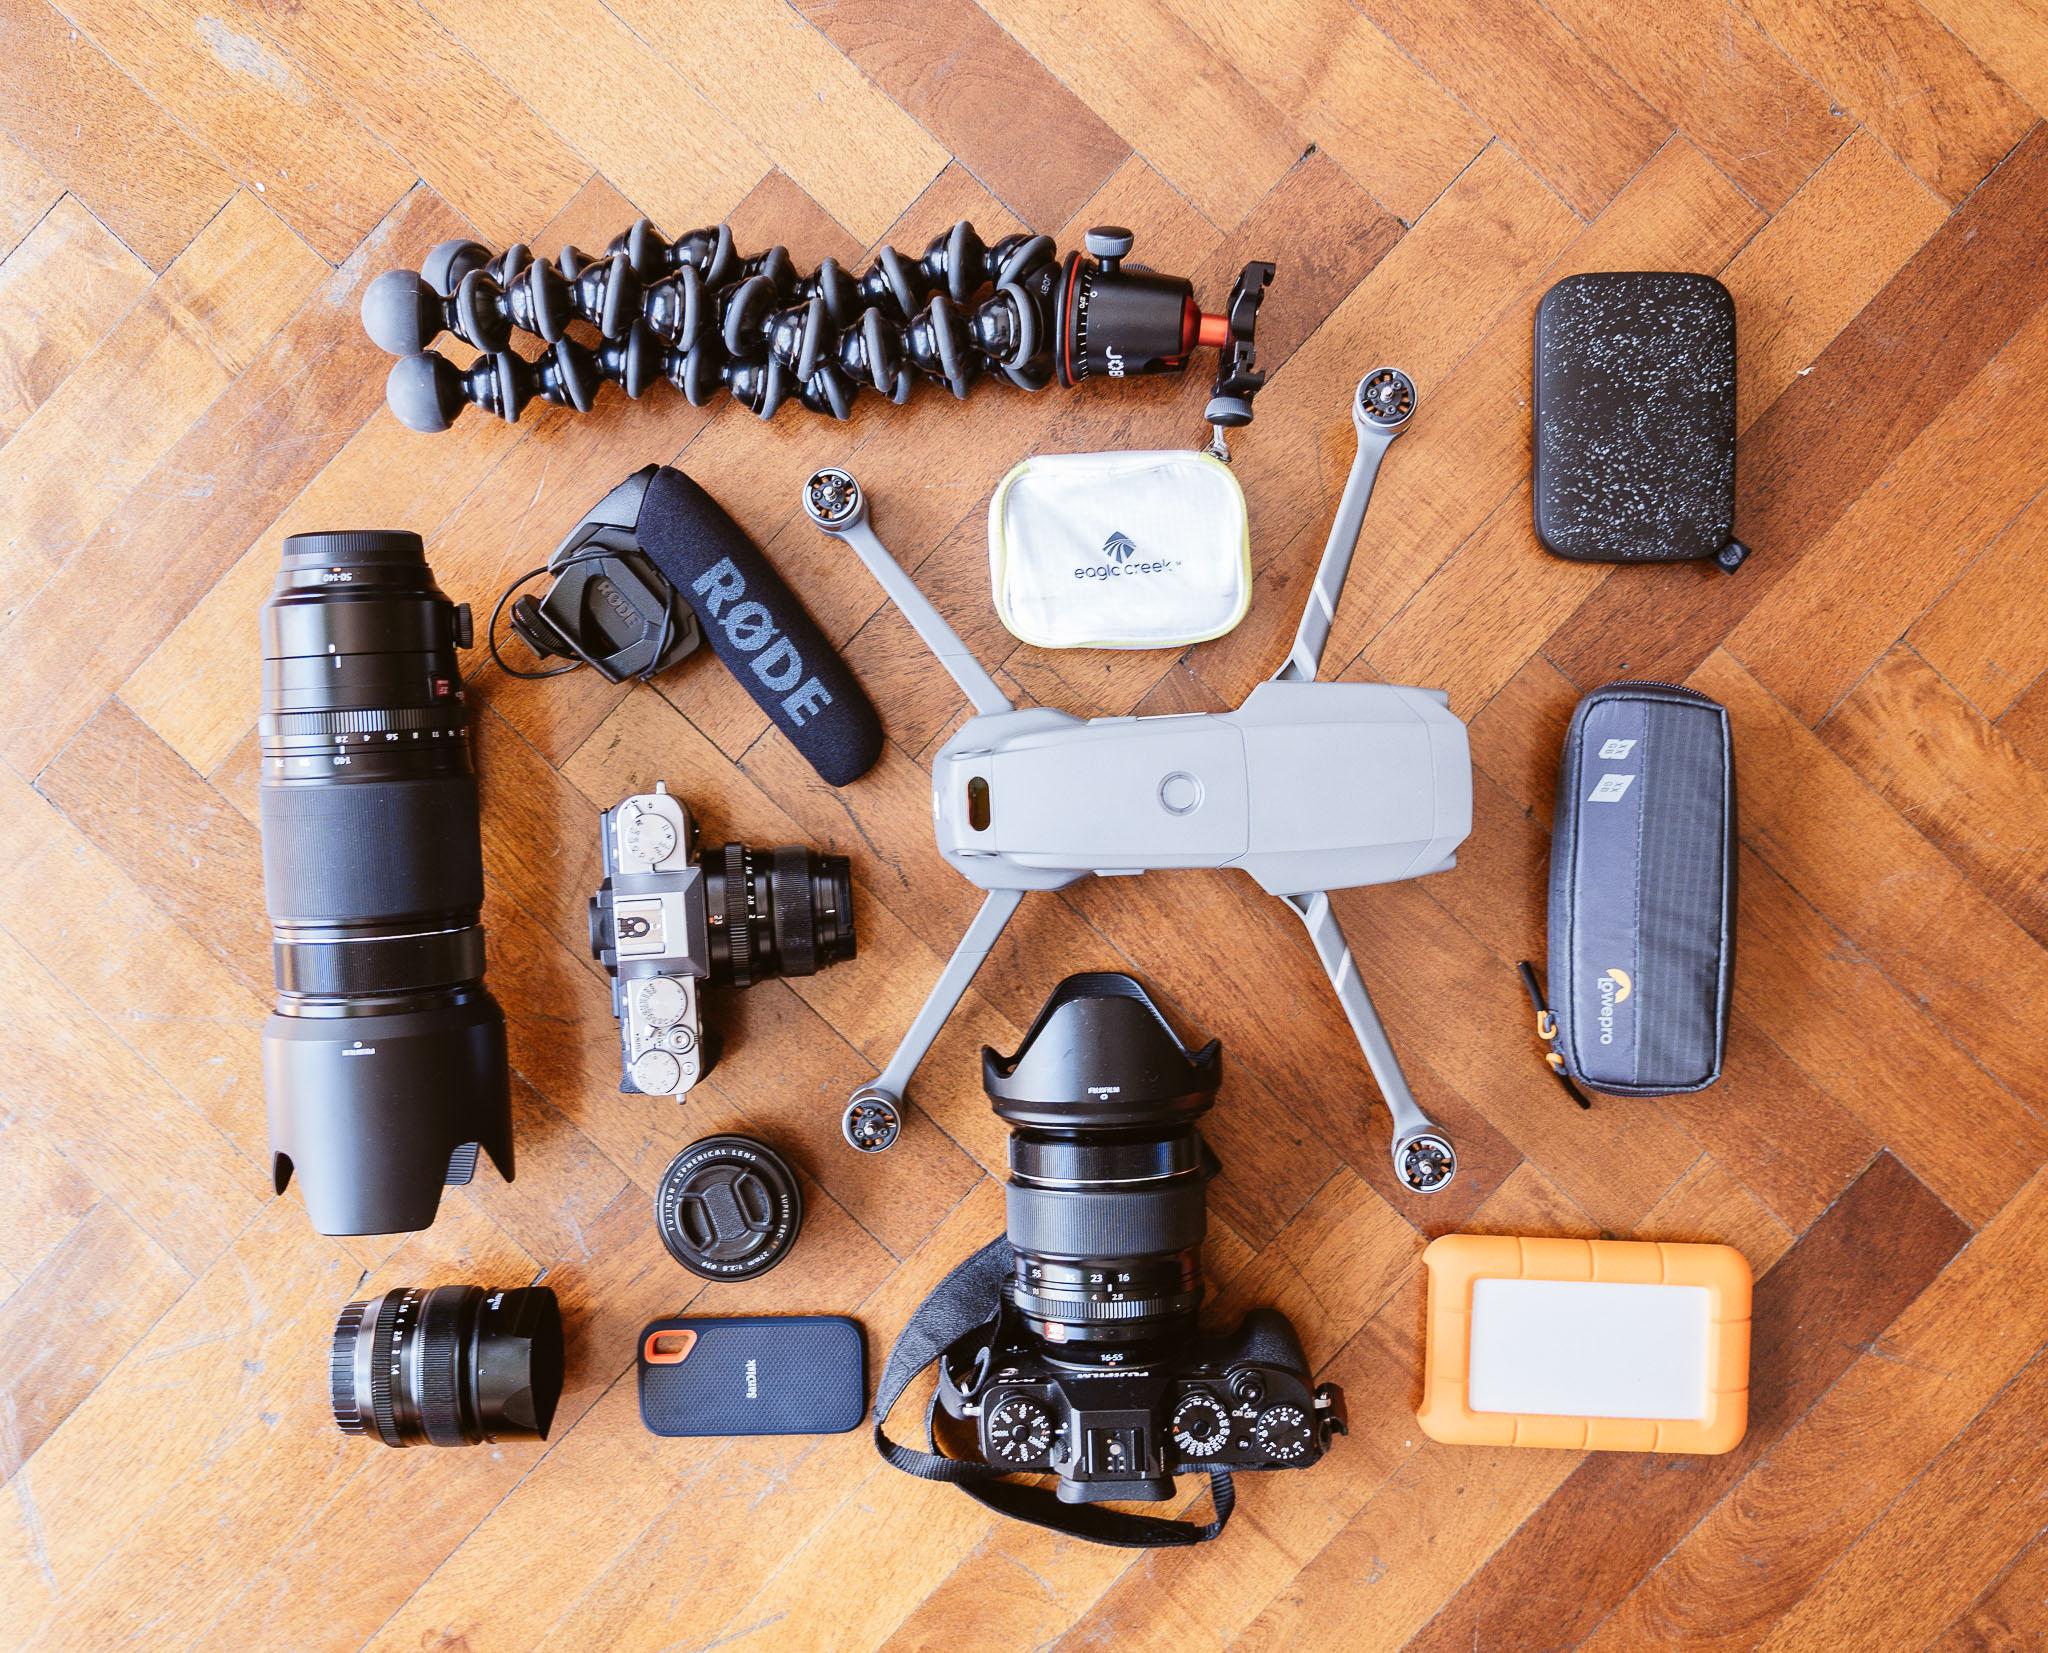 Die essentiellen Dinge meines Fotorucksacks.